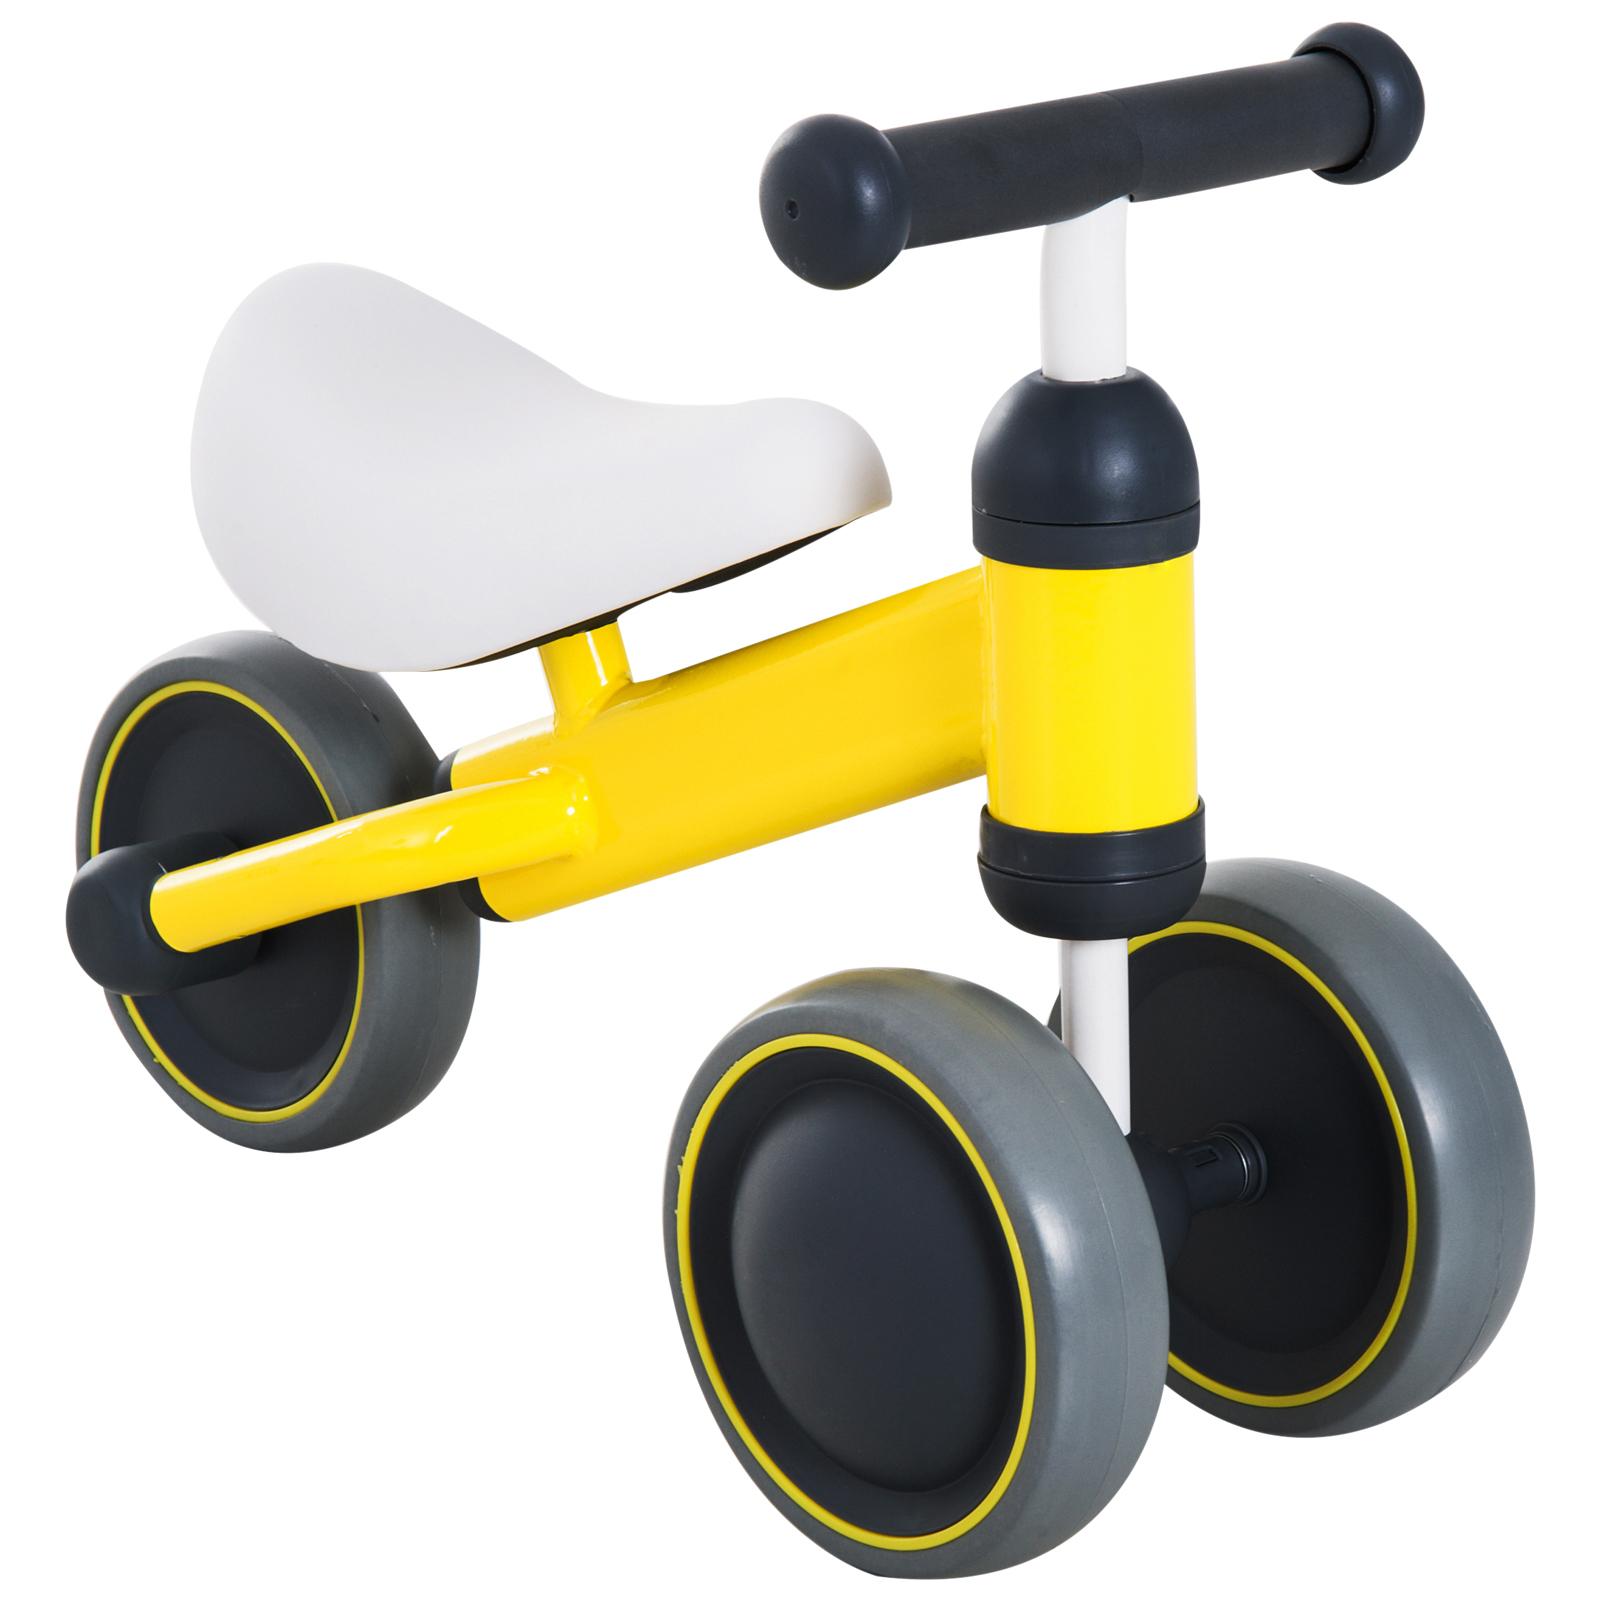 Triciclo-Bicicleta-sin-Pedales-para-Nino-1-3-Anos-Sillon-Comodo-Aluminio miniatura 3